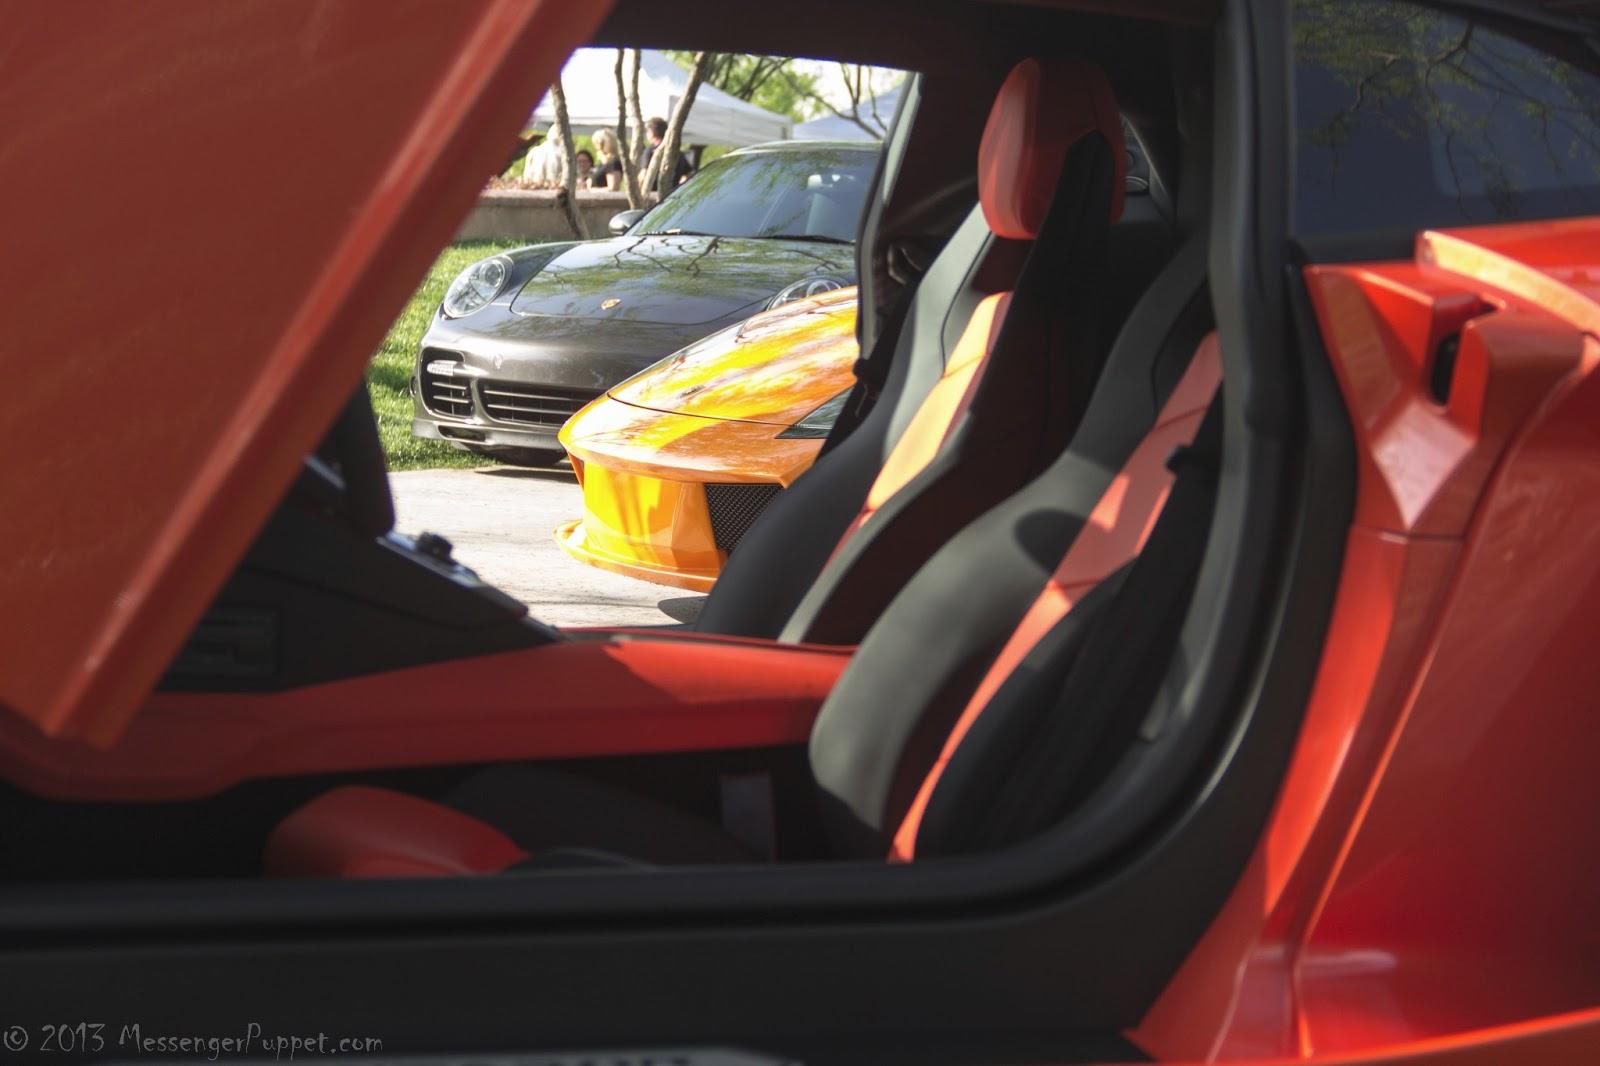 Lamborghinis and Porsche